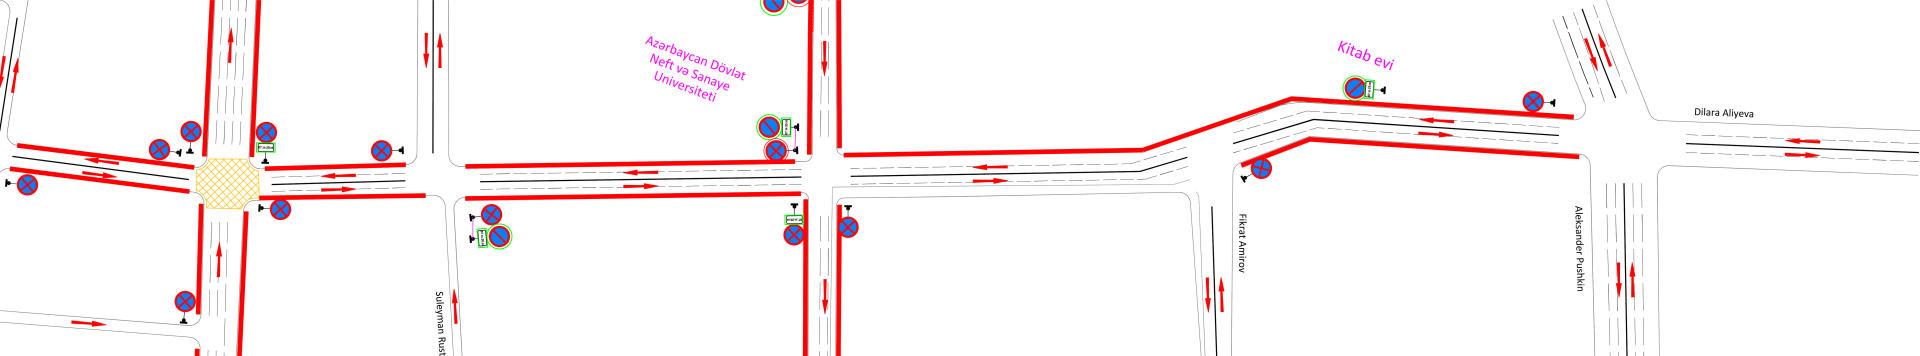 BNA qanunsuz parklanma ilə bağlı 33 yol nişanını dəyişdirdi (FOTO)